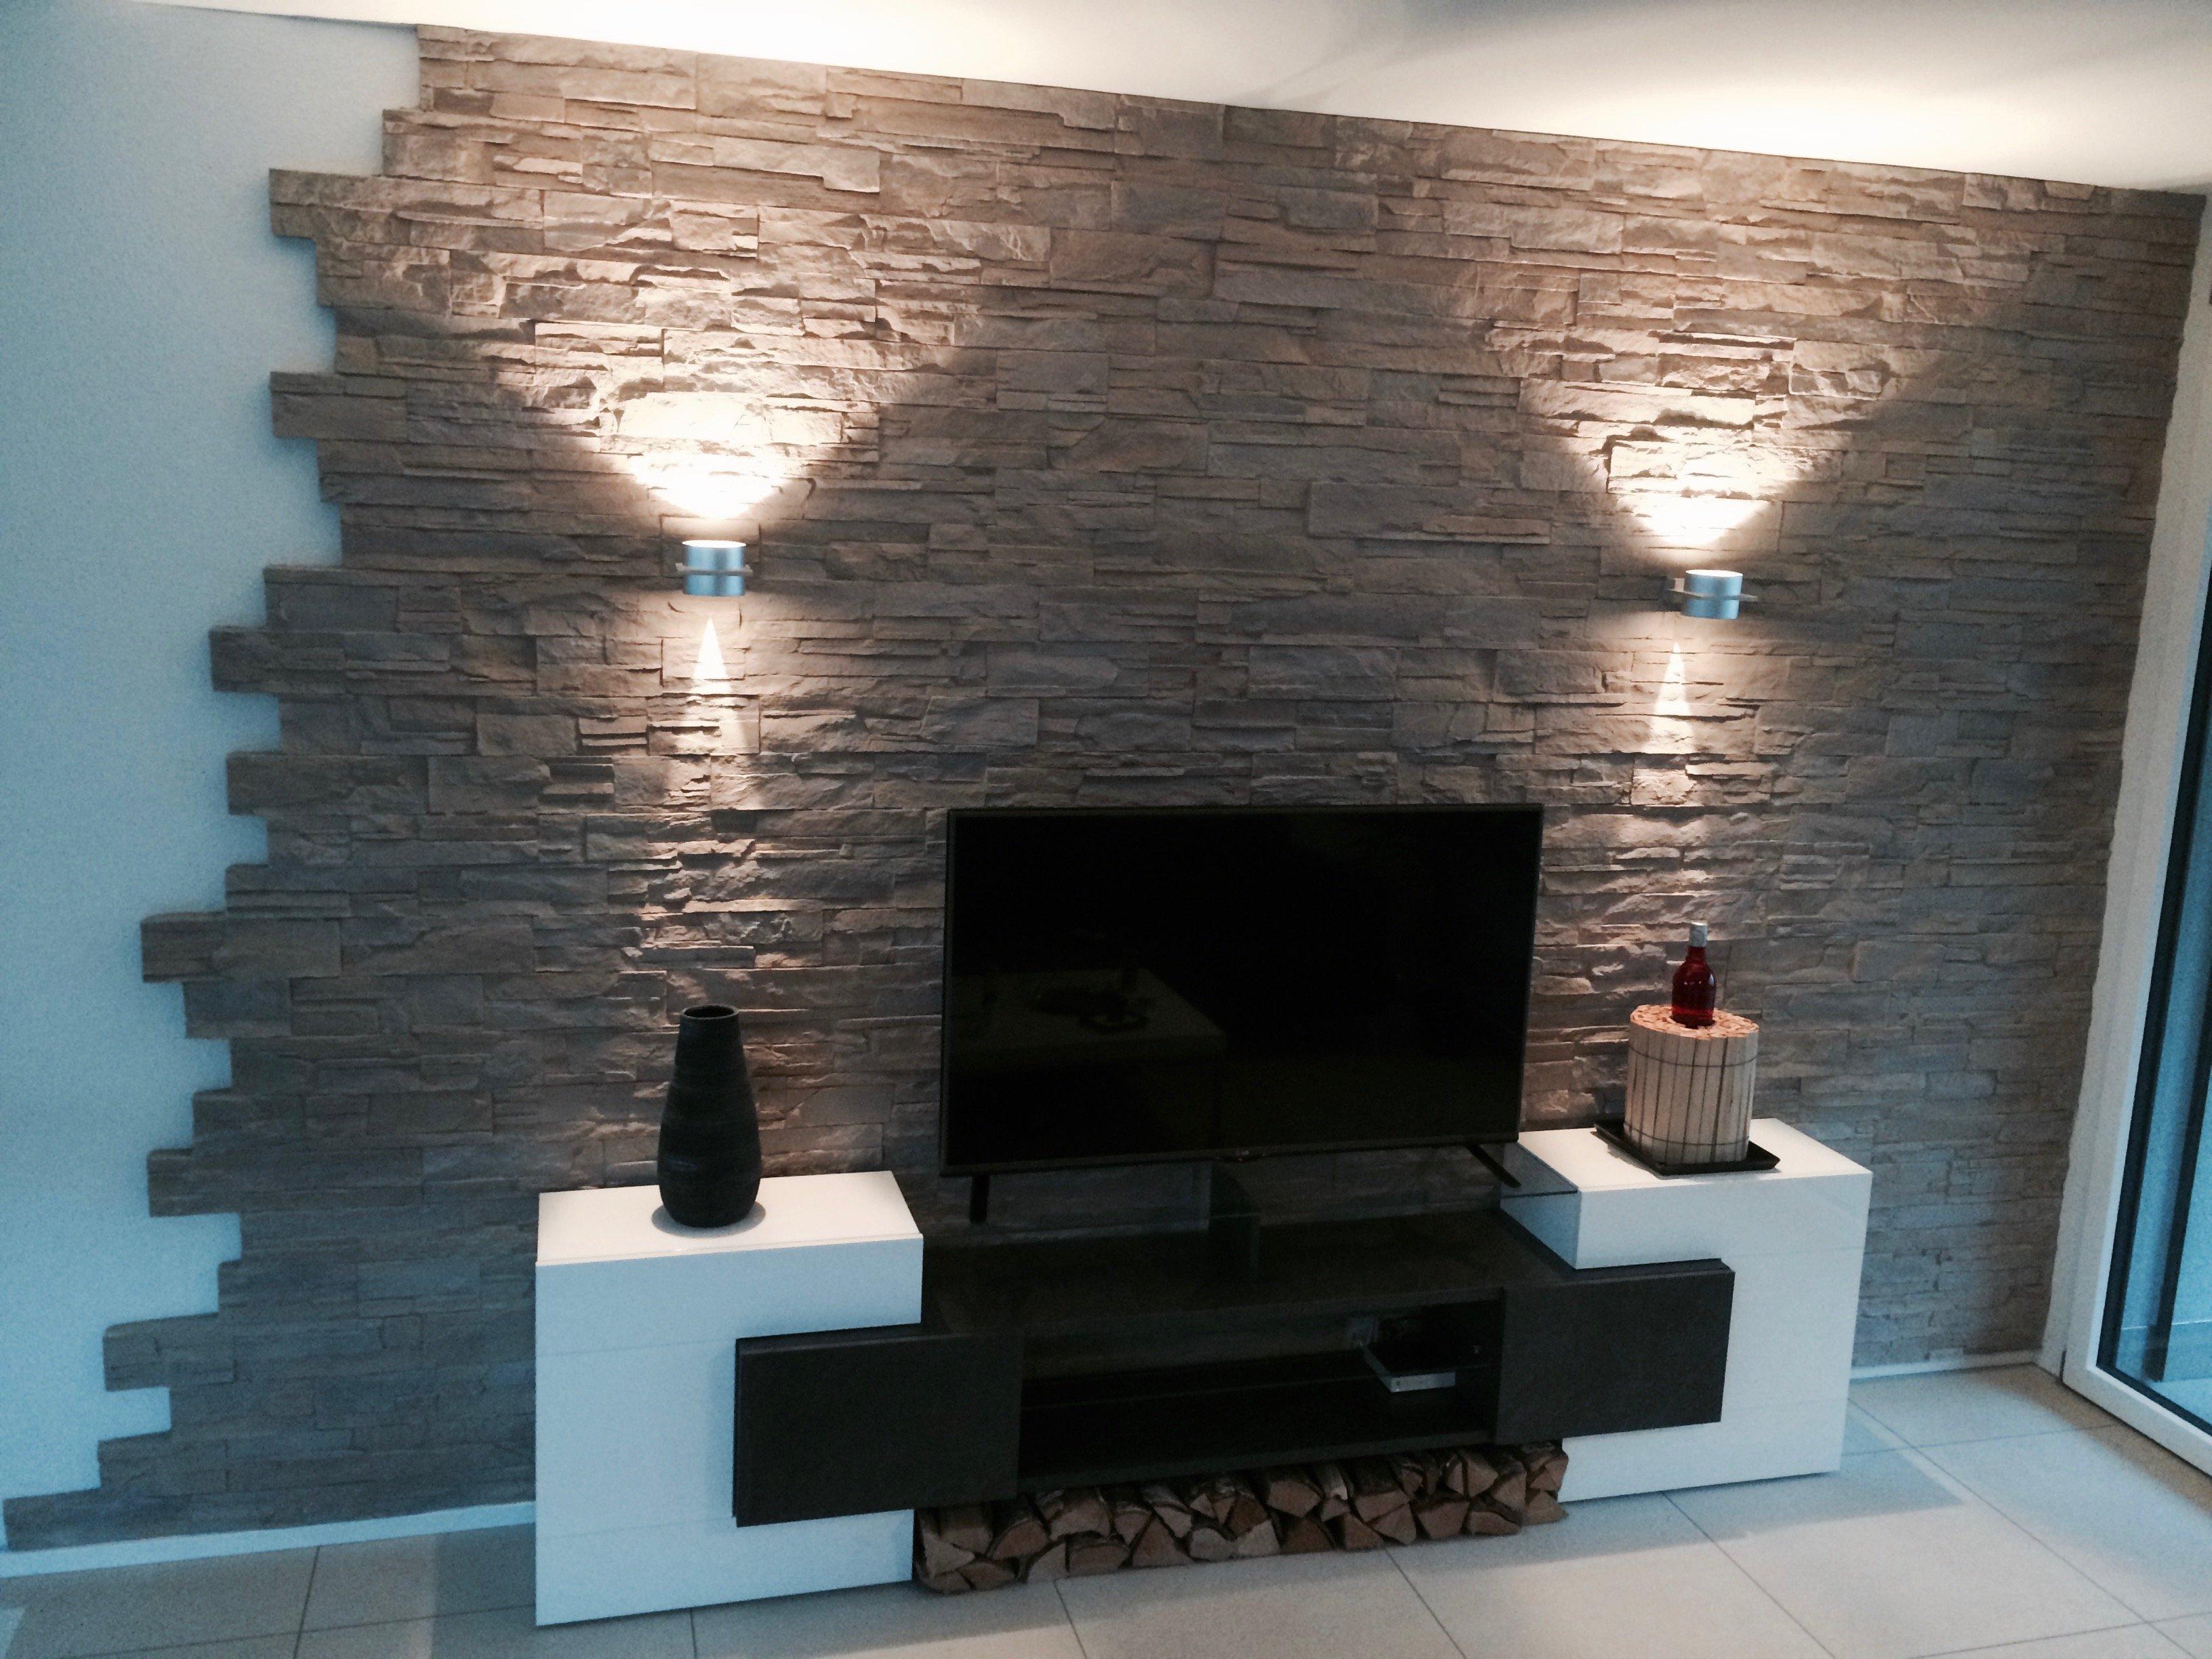 wandgestaltung wohnzimmer - 20 attraktive ideen für stilvolles, Hause deko